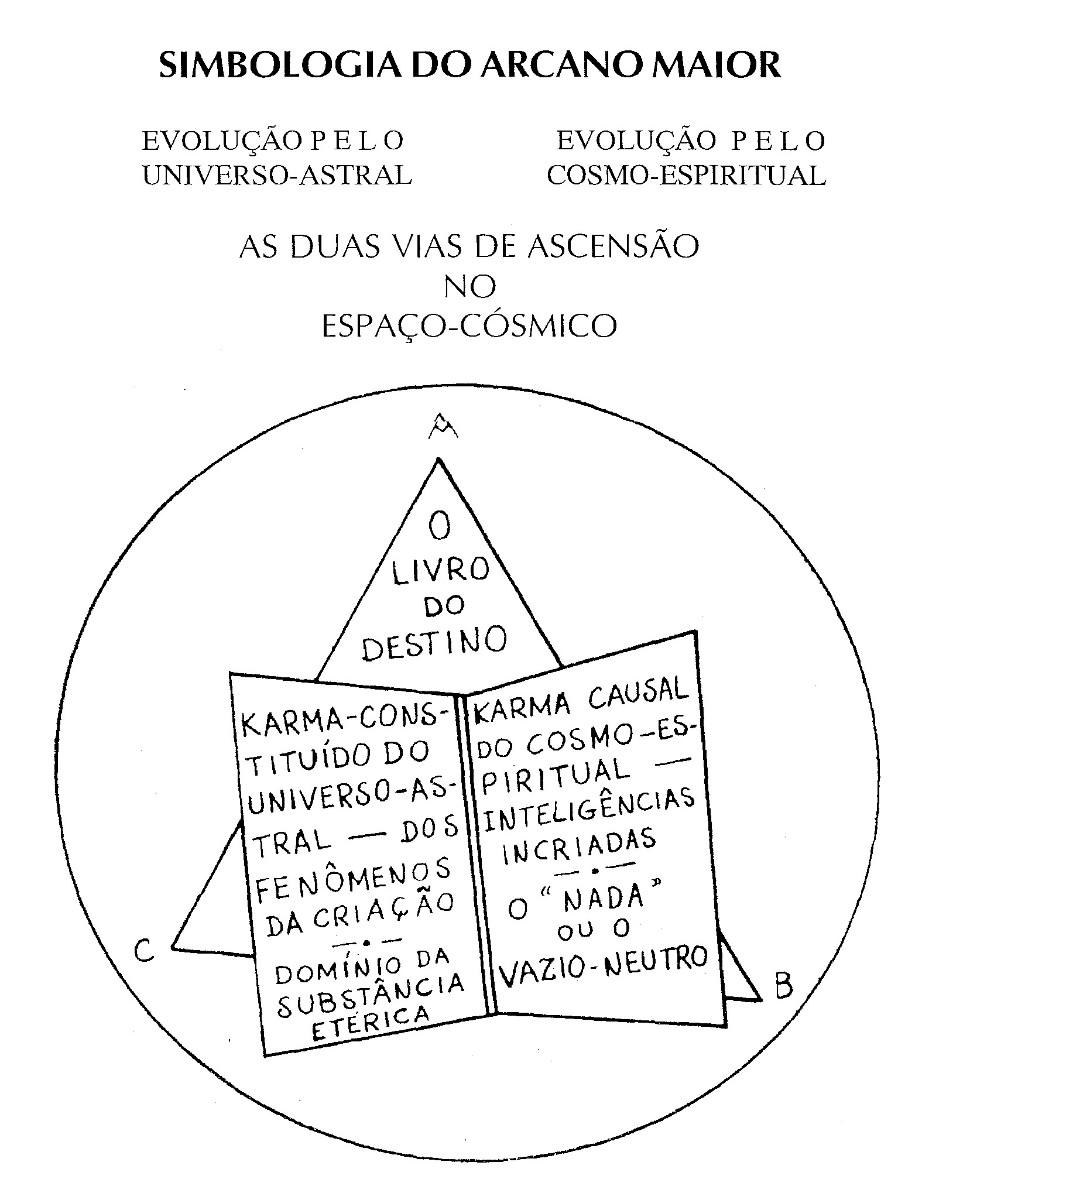 https://img.comunidades.net/umb/umbandadobrasil/arcano_1.jpg